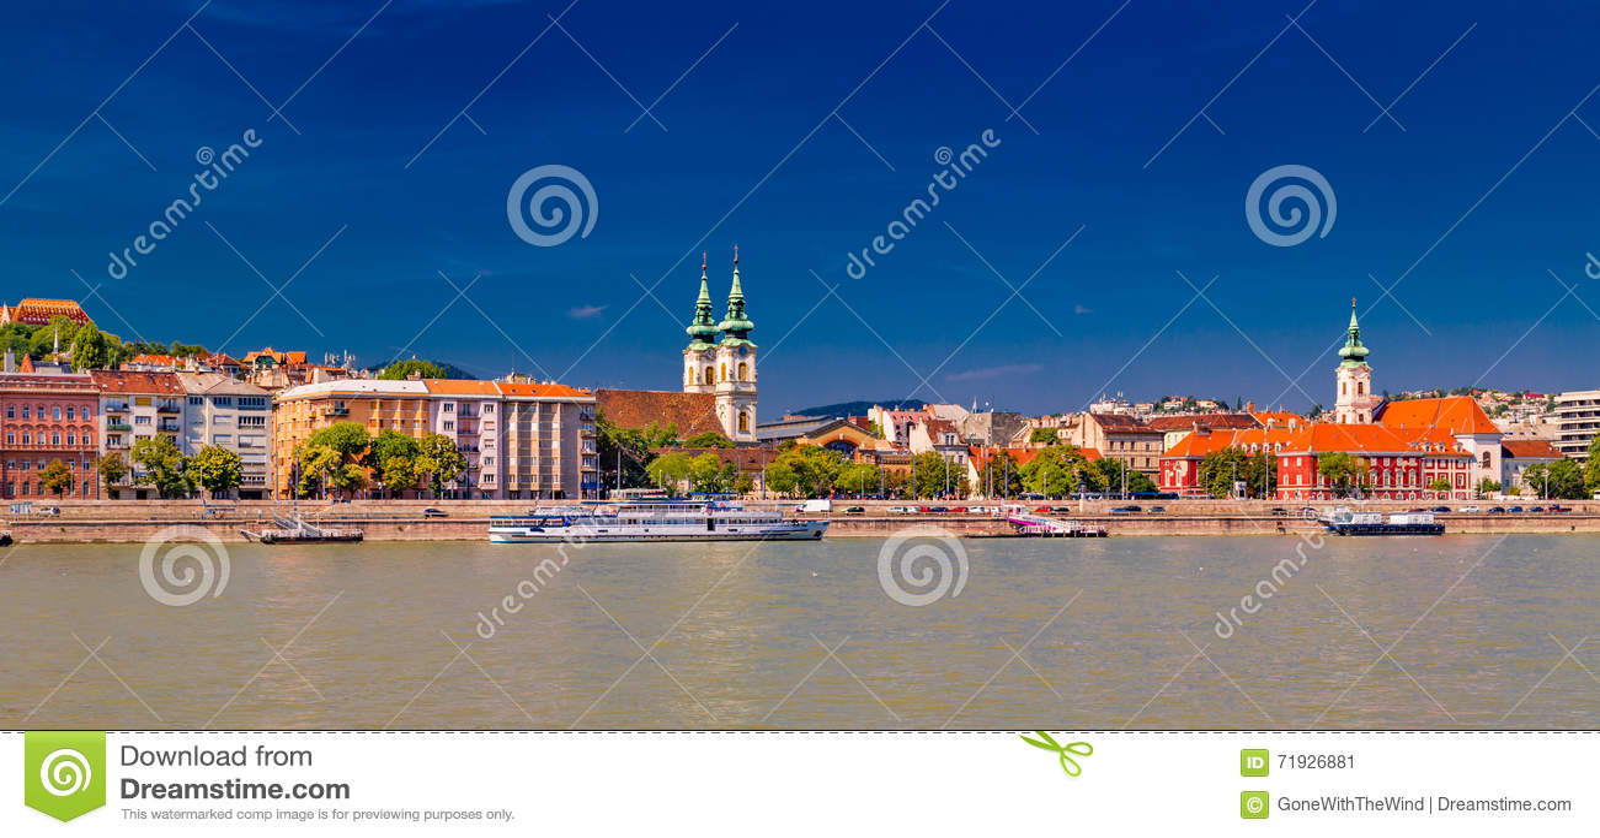 Современный и старинное здание на Дунае